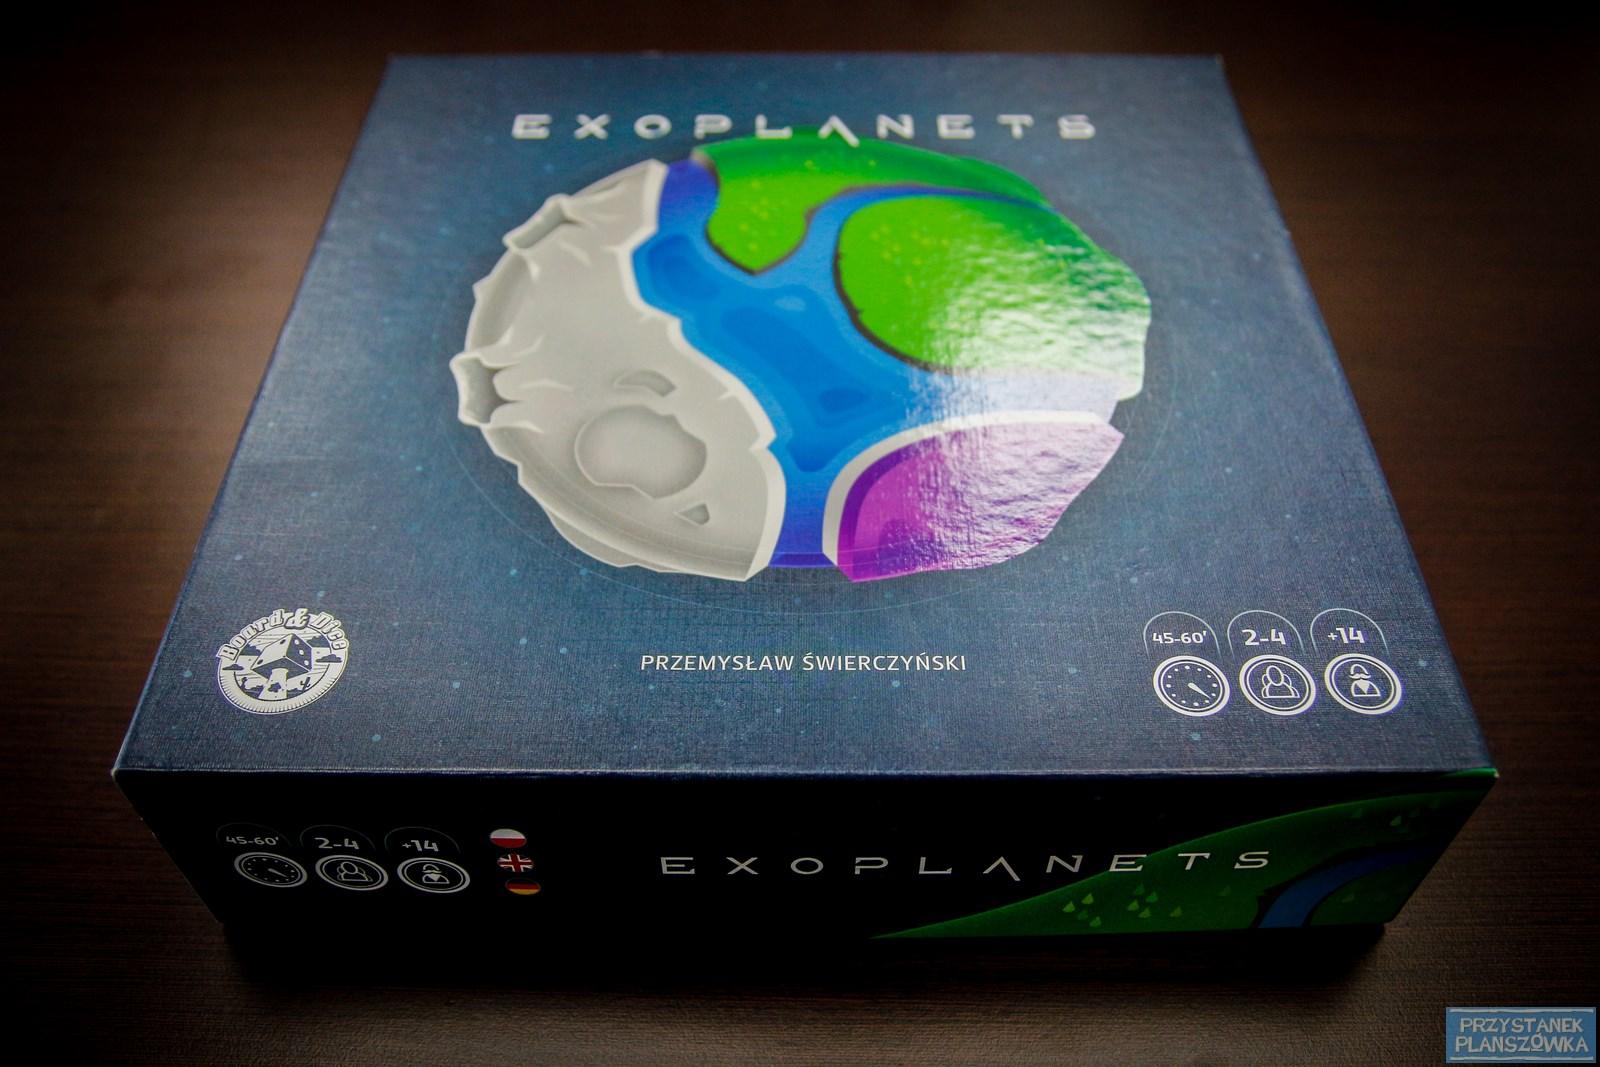 Exoplanets / fot. Przystanek Planszówka